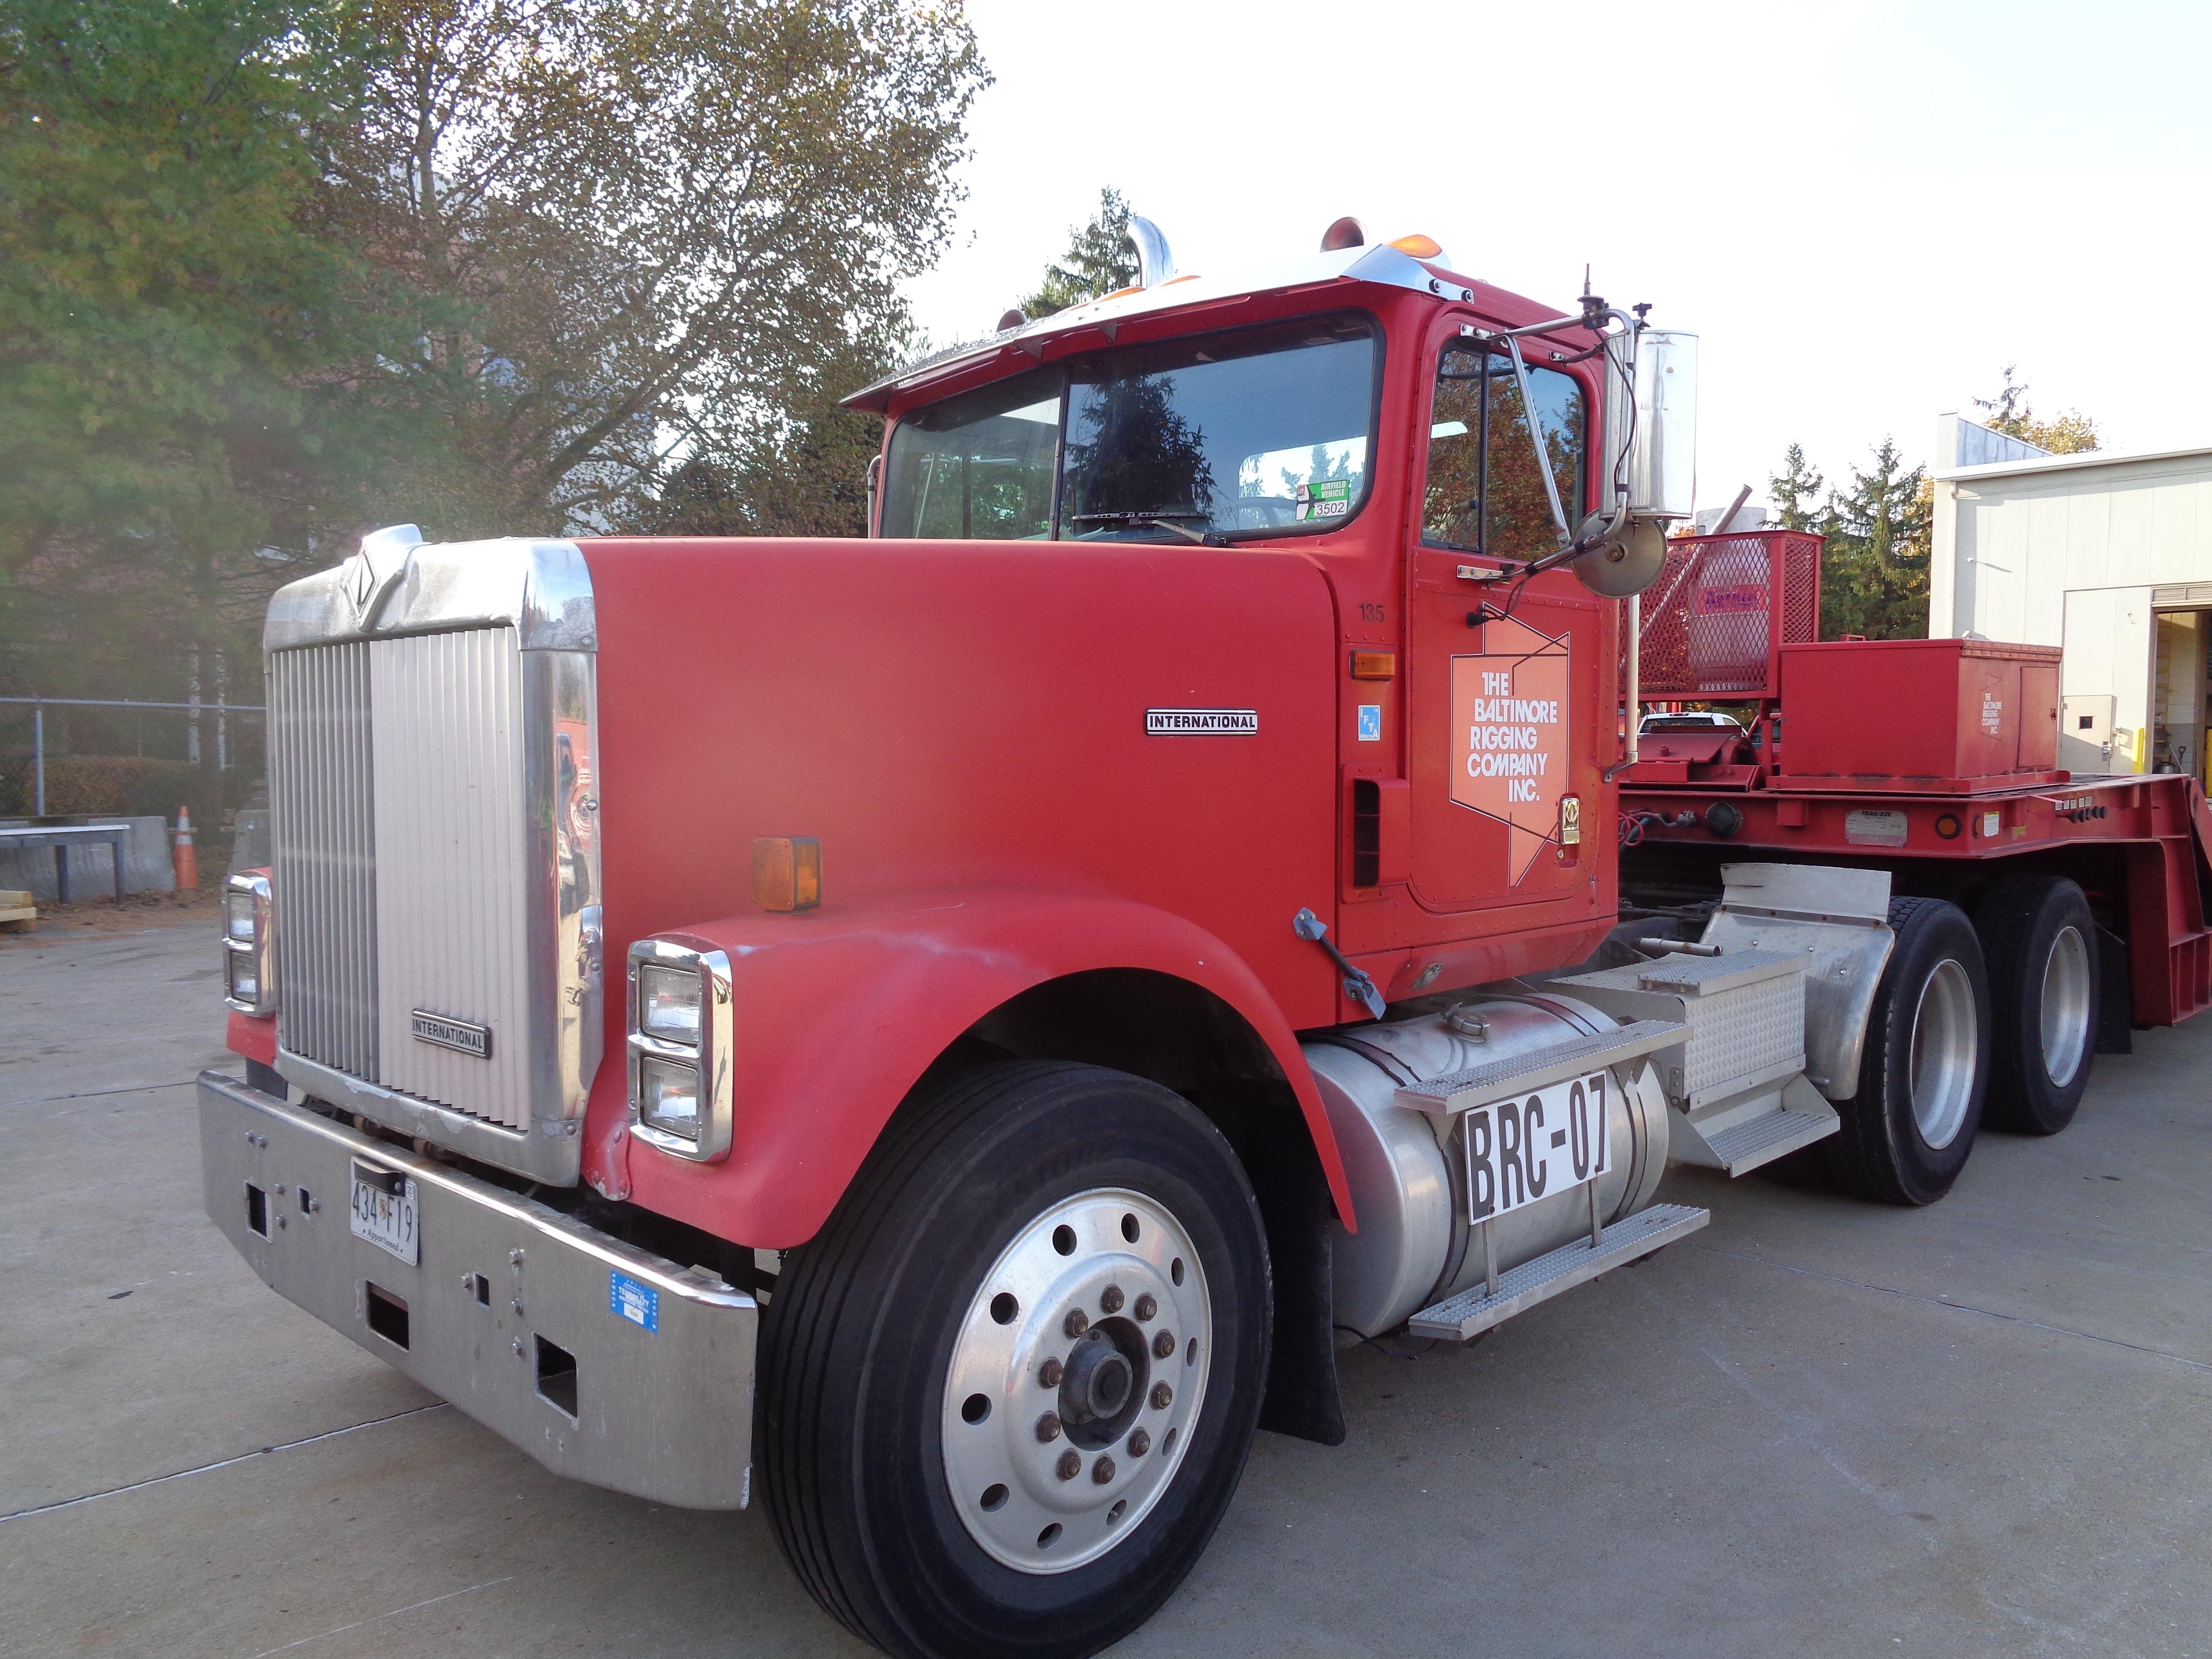 1999 International 9300 Diesel Tandem - Image 4 of 7